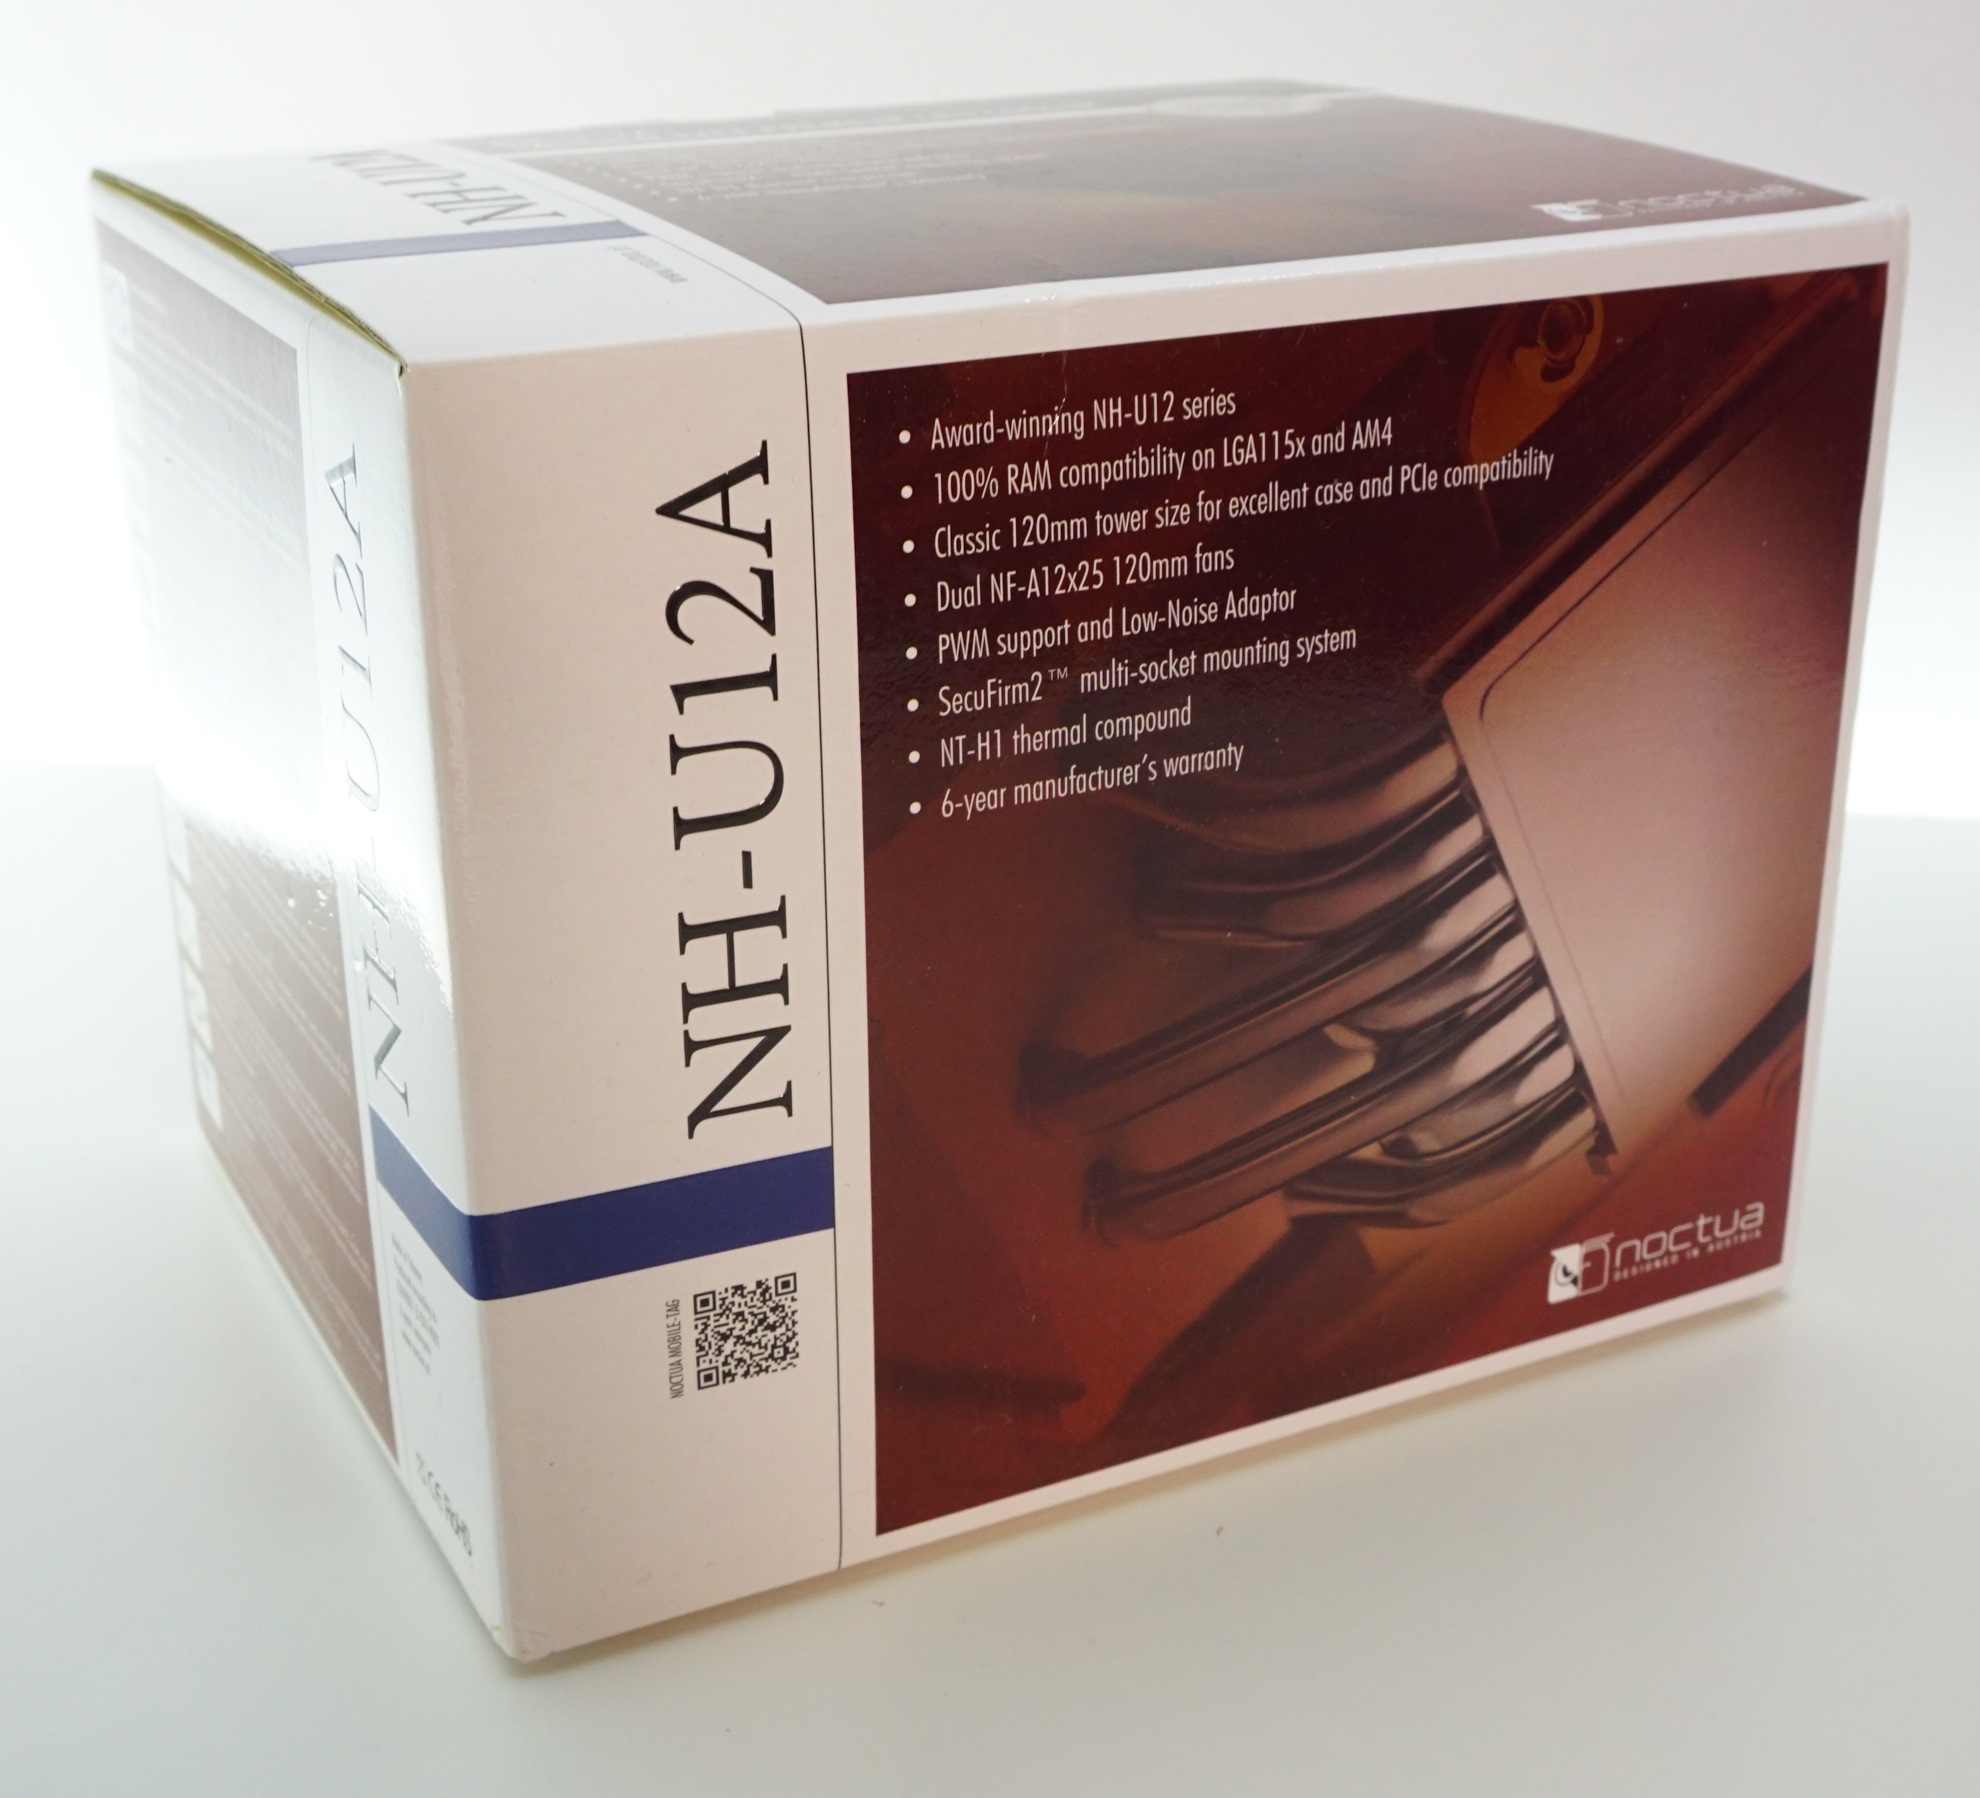 The Noctua NH-U12A CPU Cooler Review: Big Performance in a